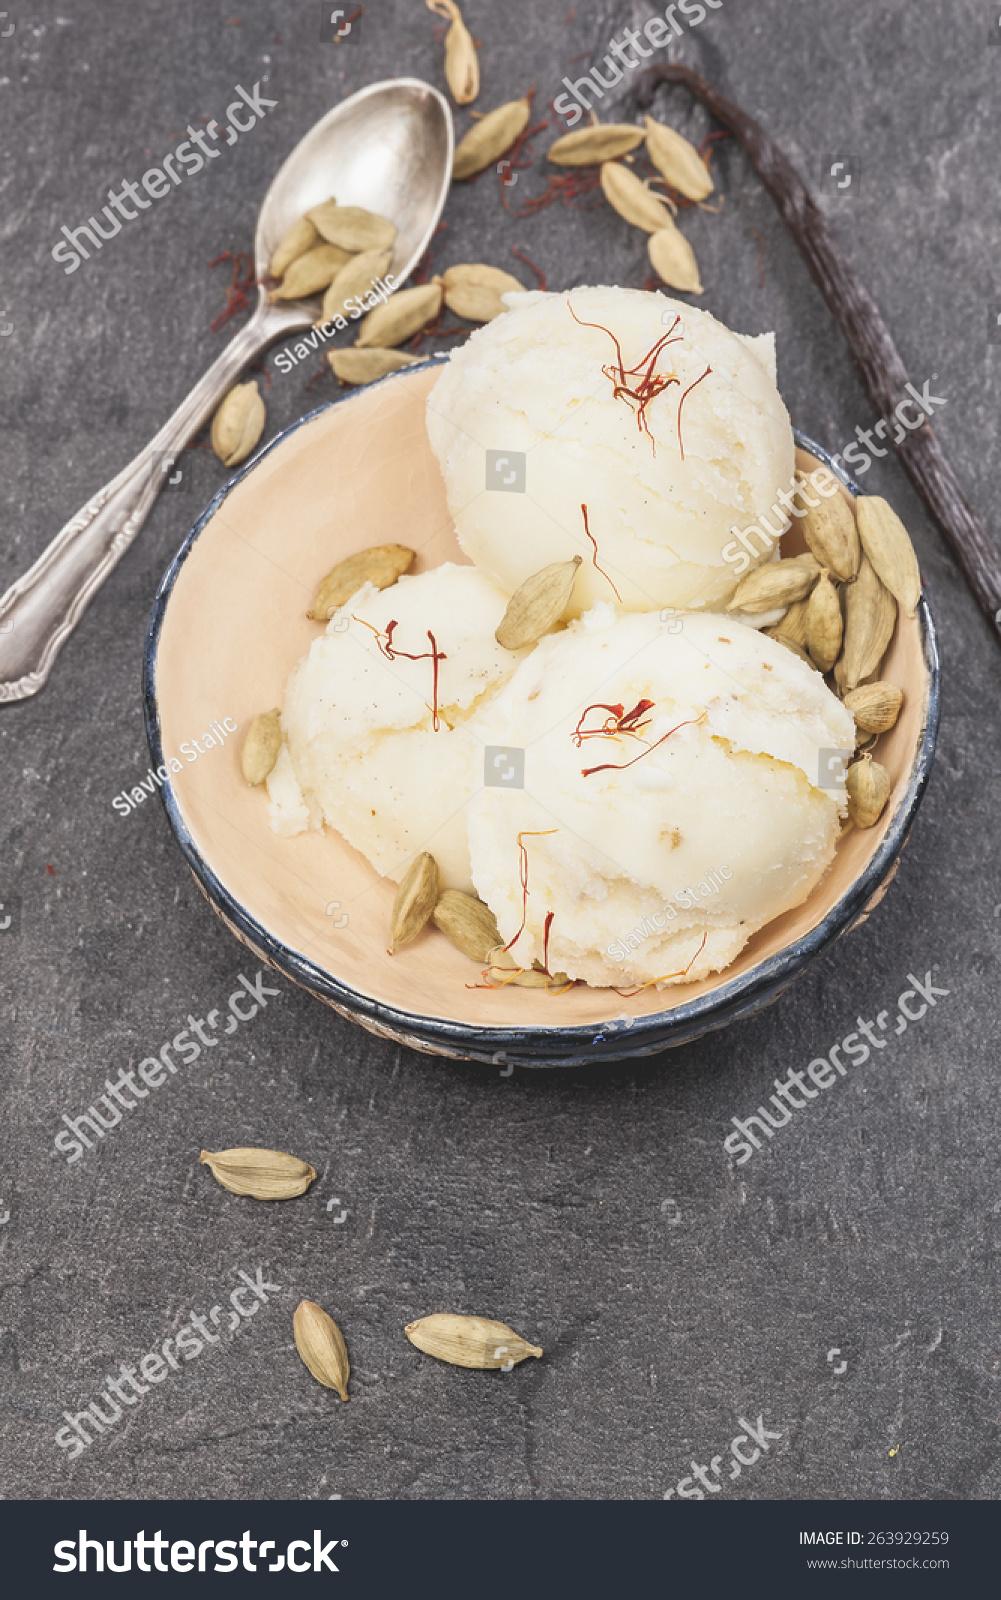 Saffron, Cardamom And Vanilla Ice Cream. Saffron, Cardamom ...